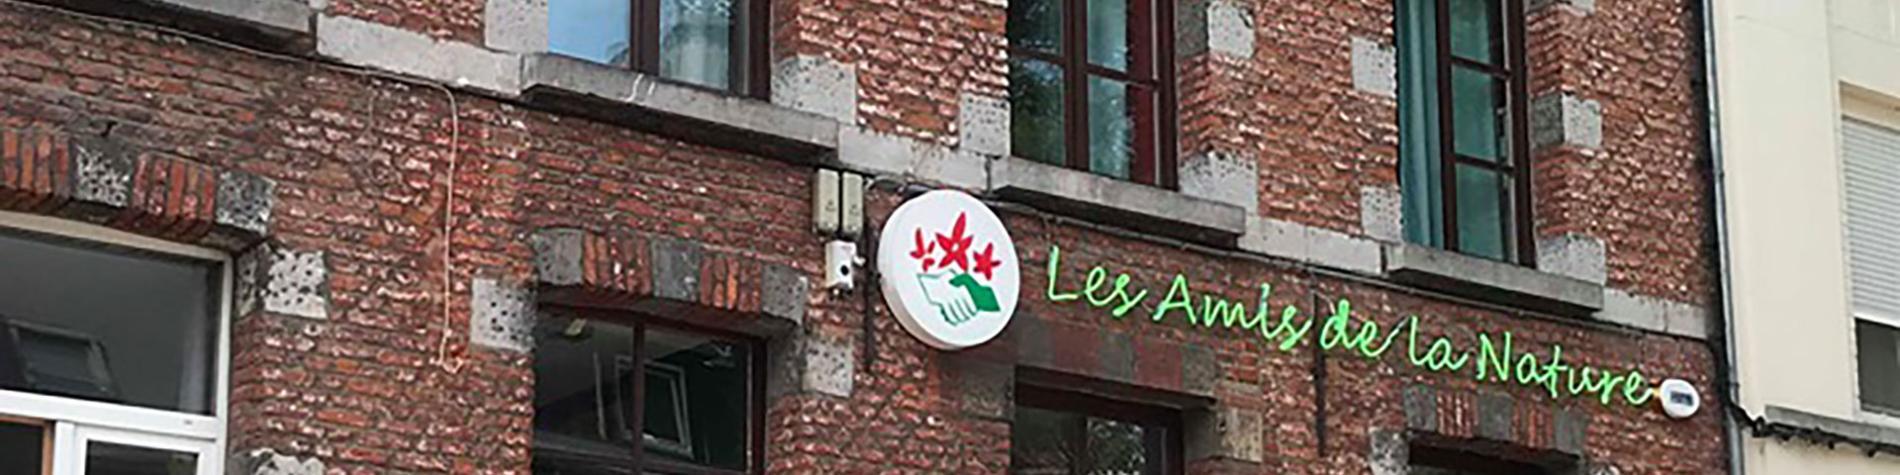 Centre d'hébergement - La Maison Verte - Ath